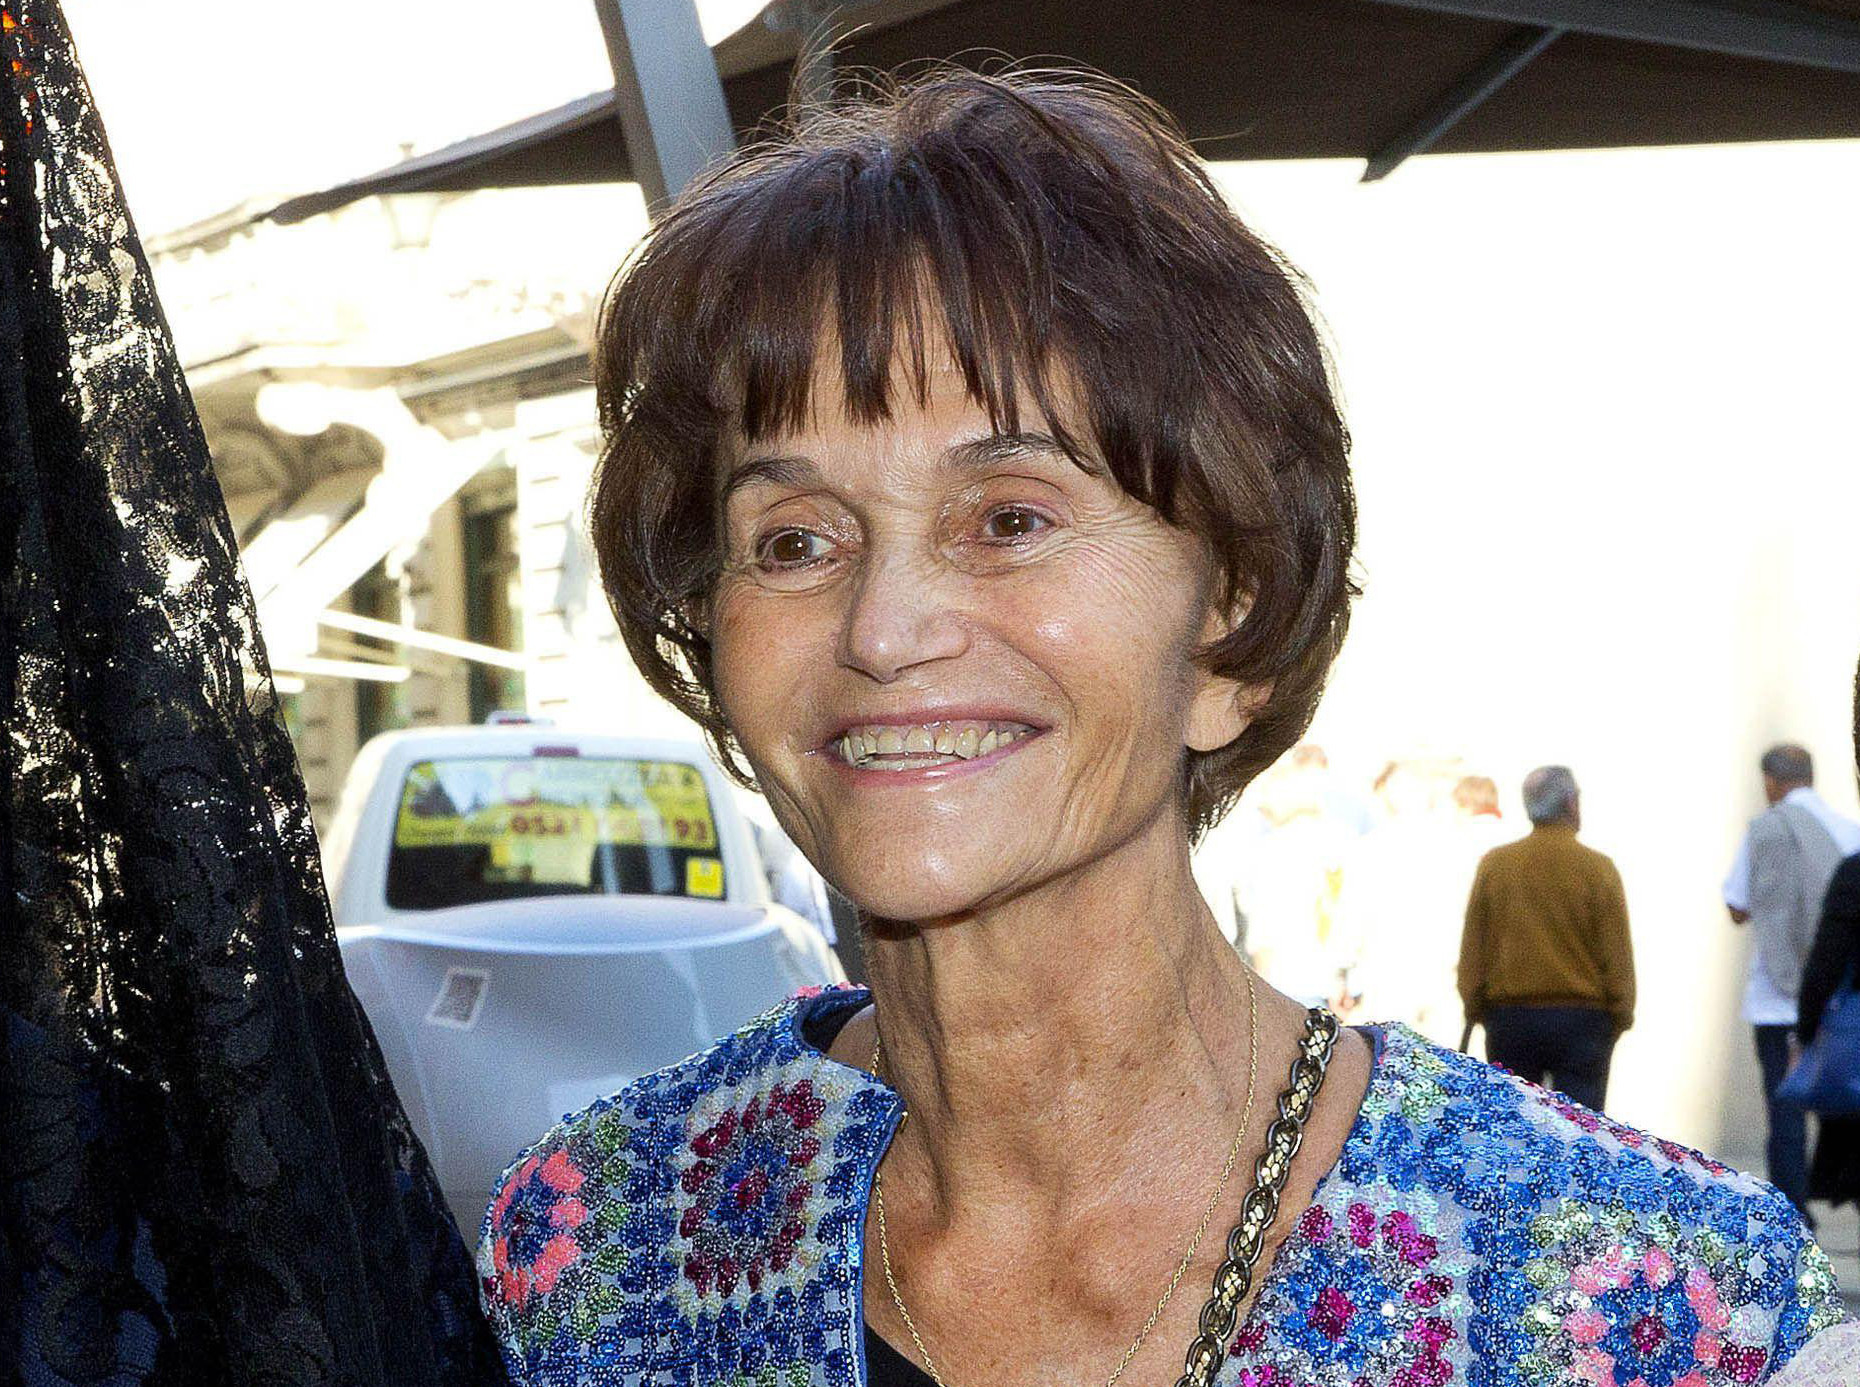 'Red Princess' of Spain, 86, is first royal to die of coronavirus